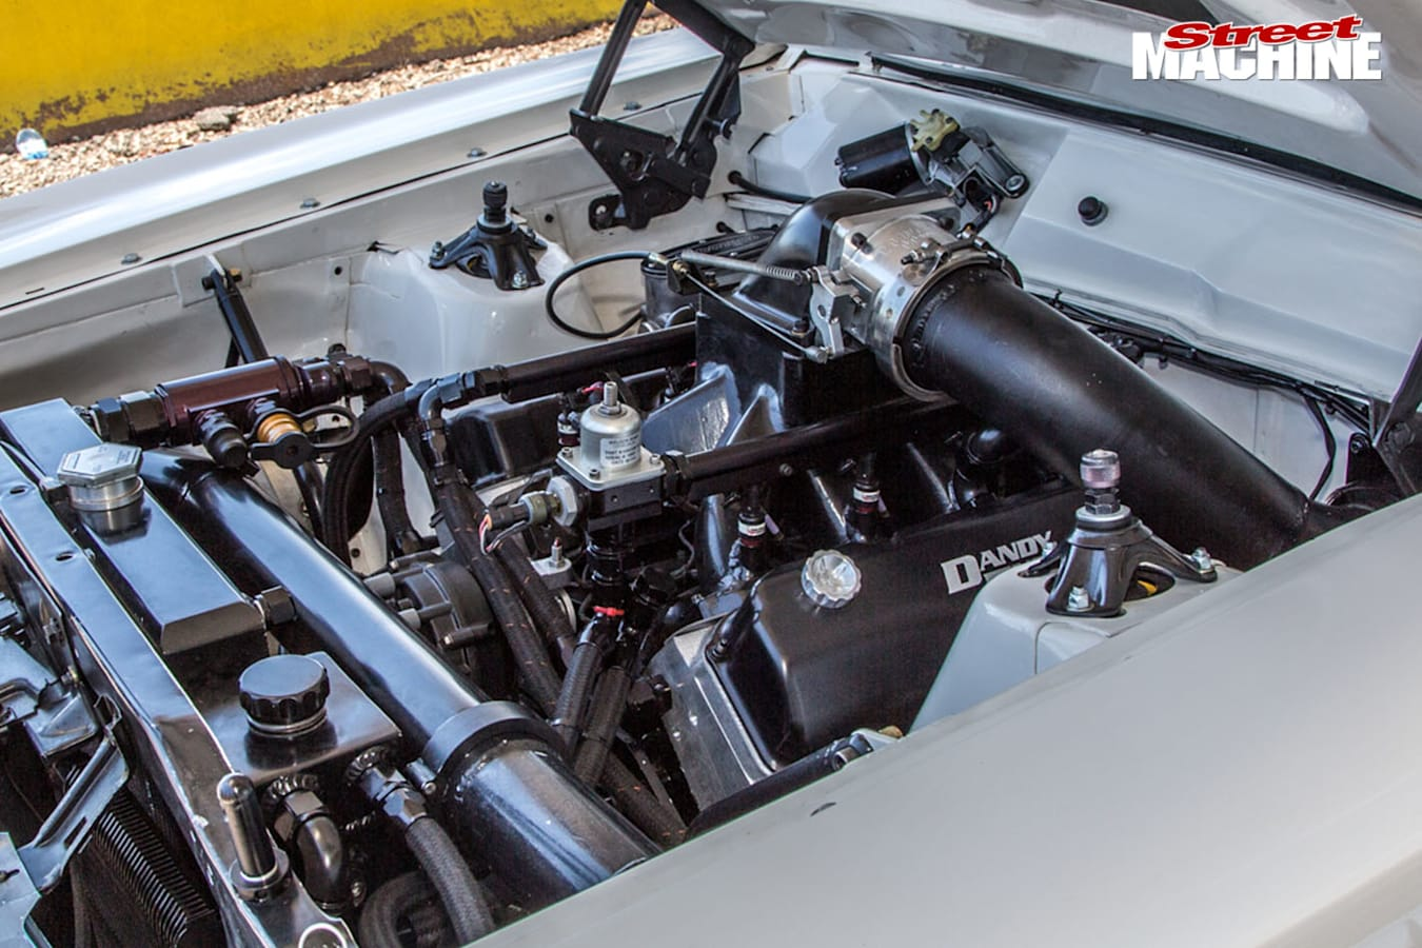 XW Falcon Dandy Engines 286 29 Jpg